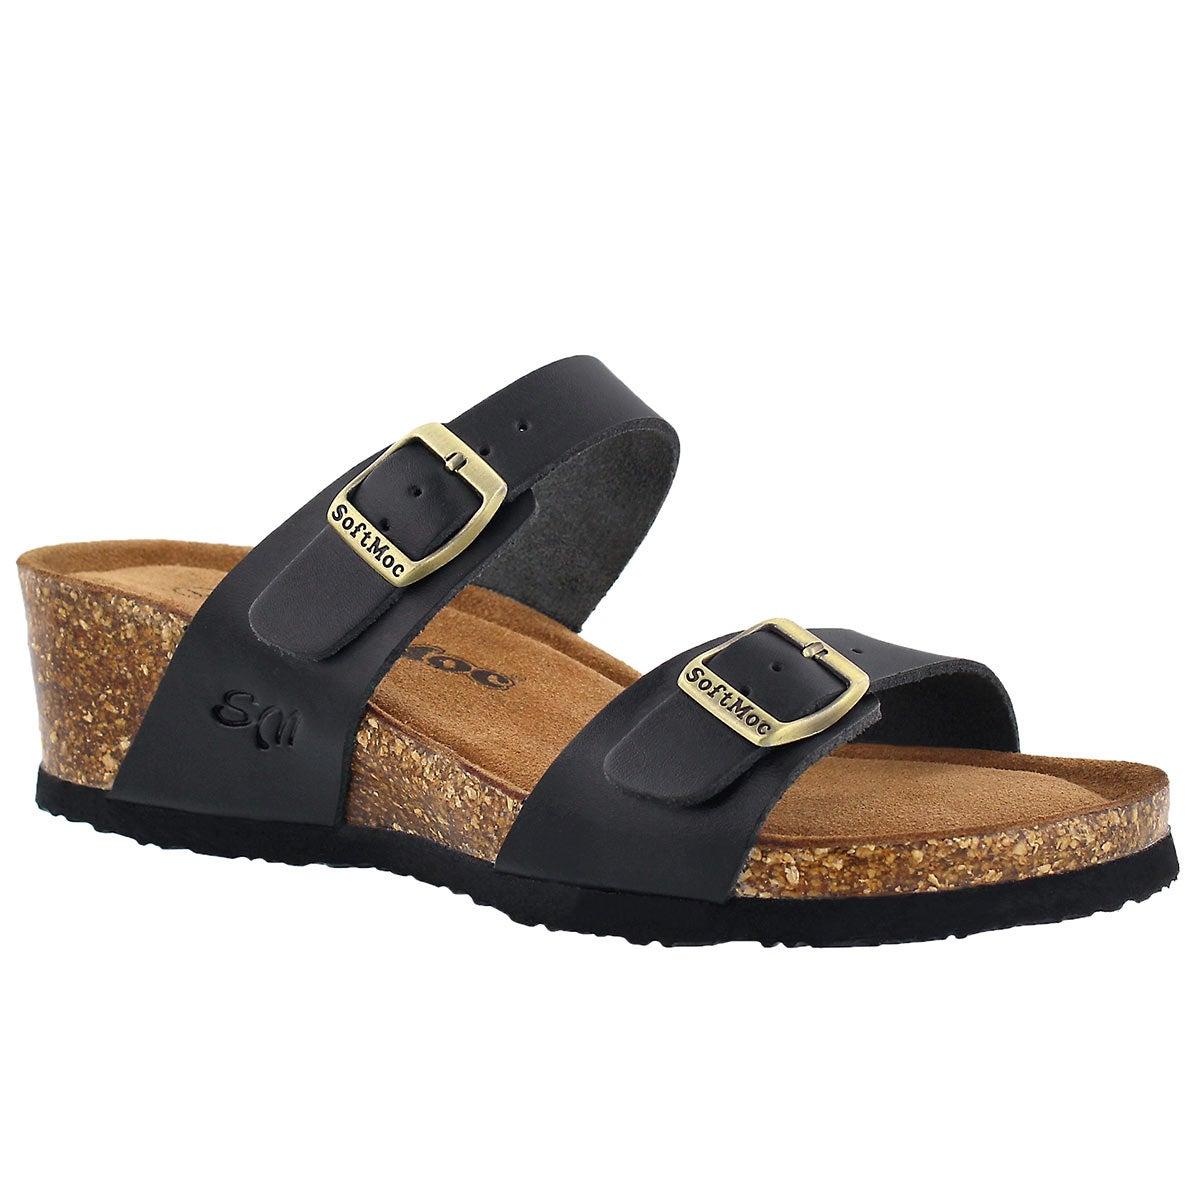 Women's ASHLYNN 5 black memory foam sandals